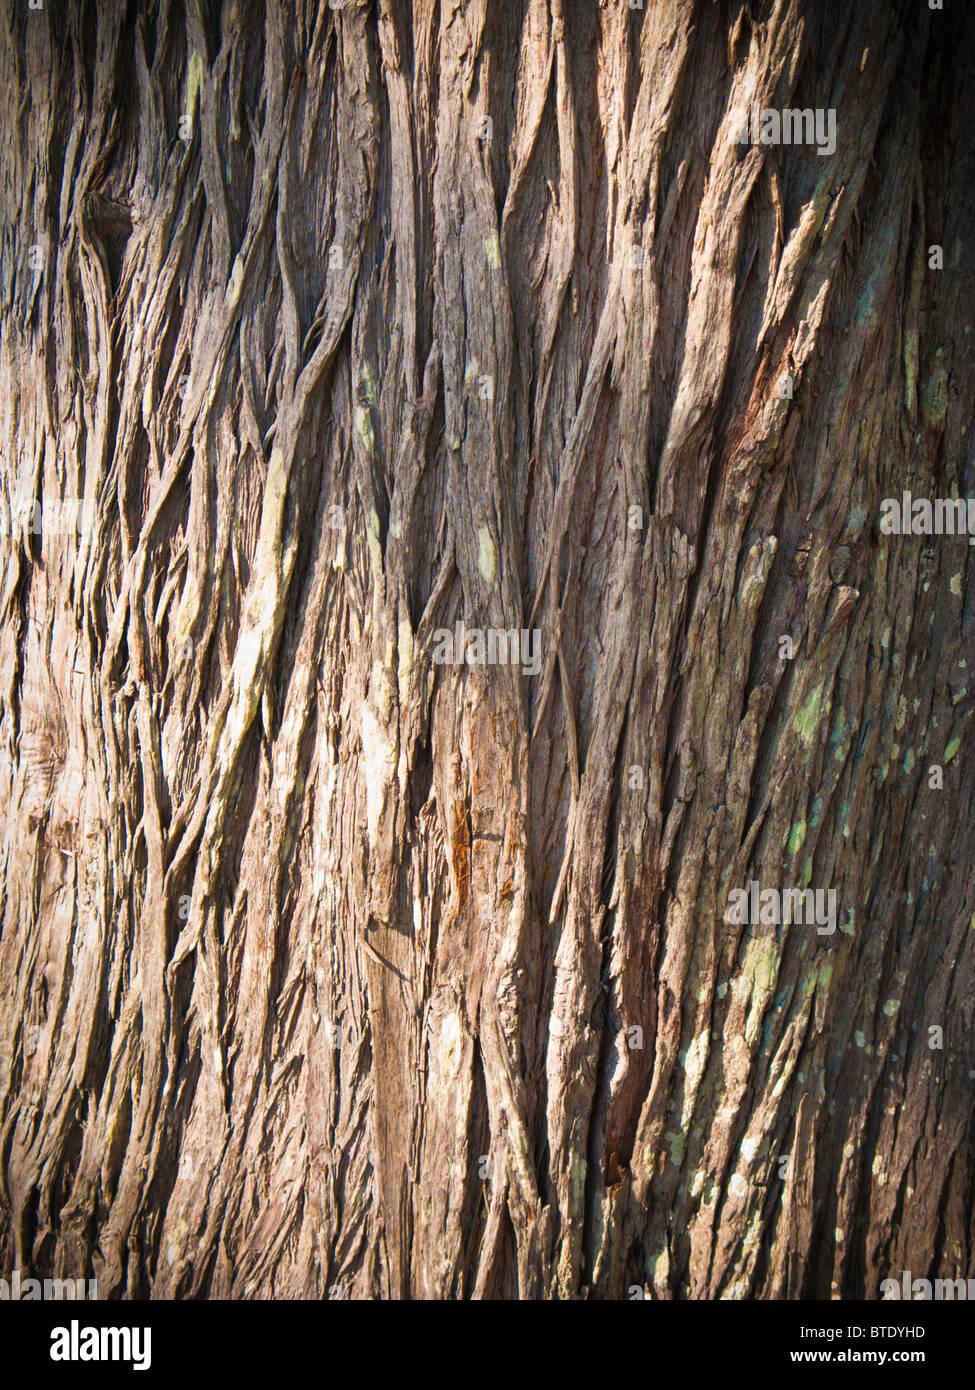 La corteza de los árboles cercanos Imagen De Stock